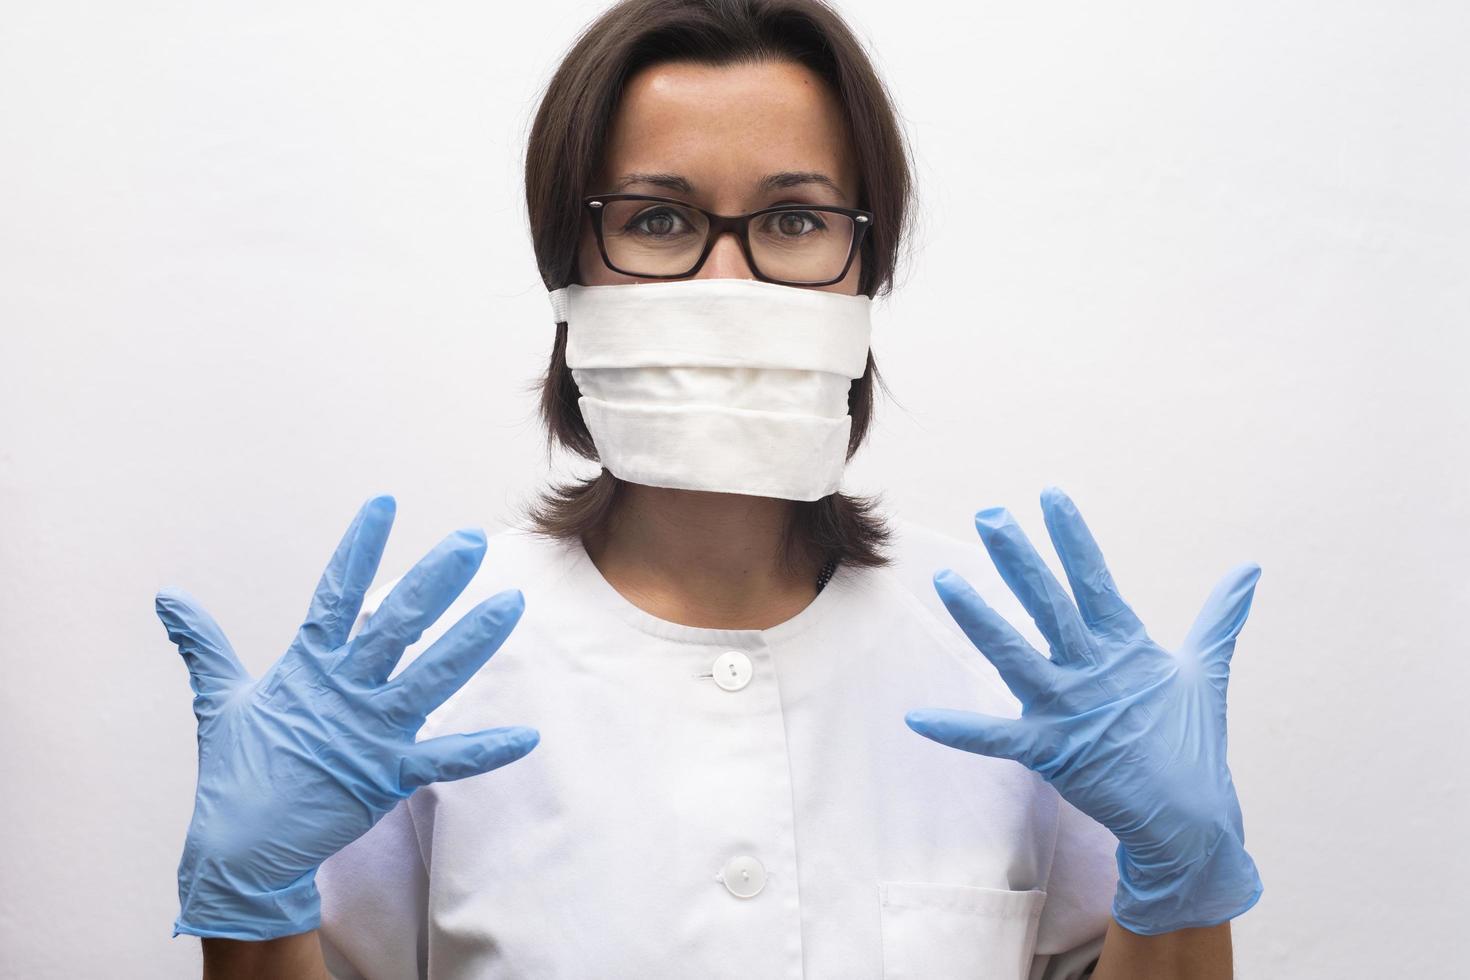 sjuksköterska som bär en mask och blå handskar på sjukhuset foto